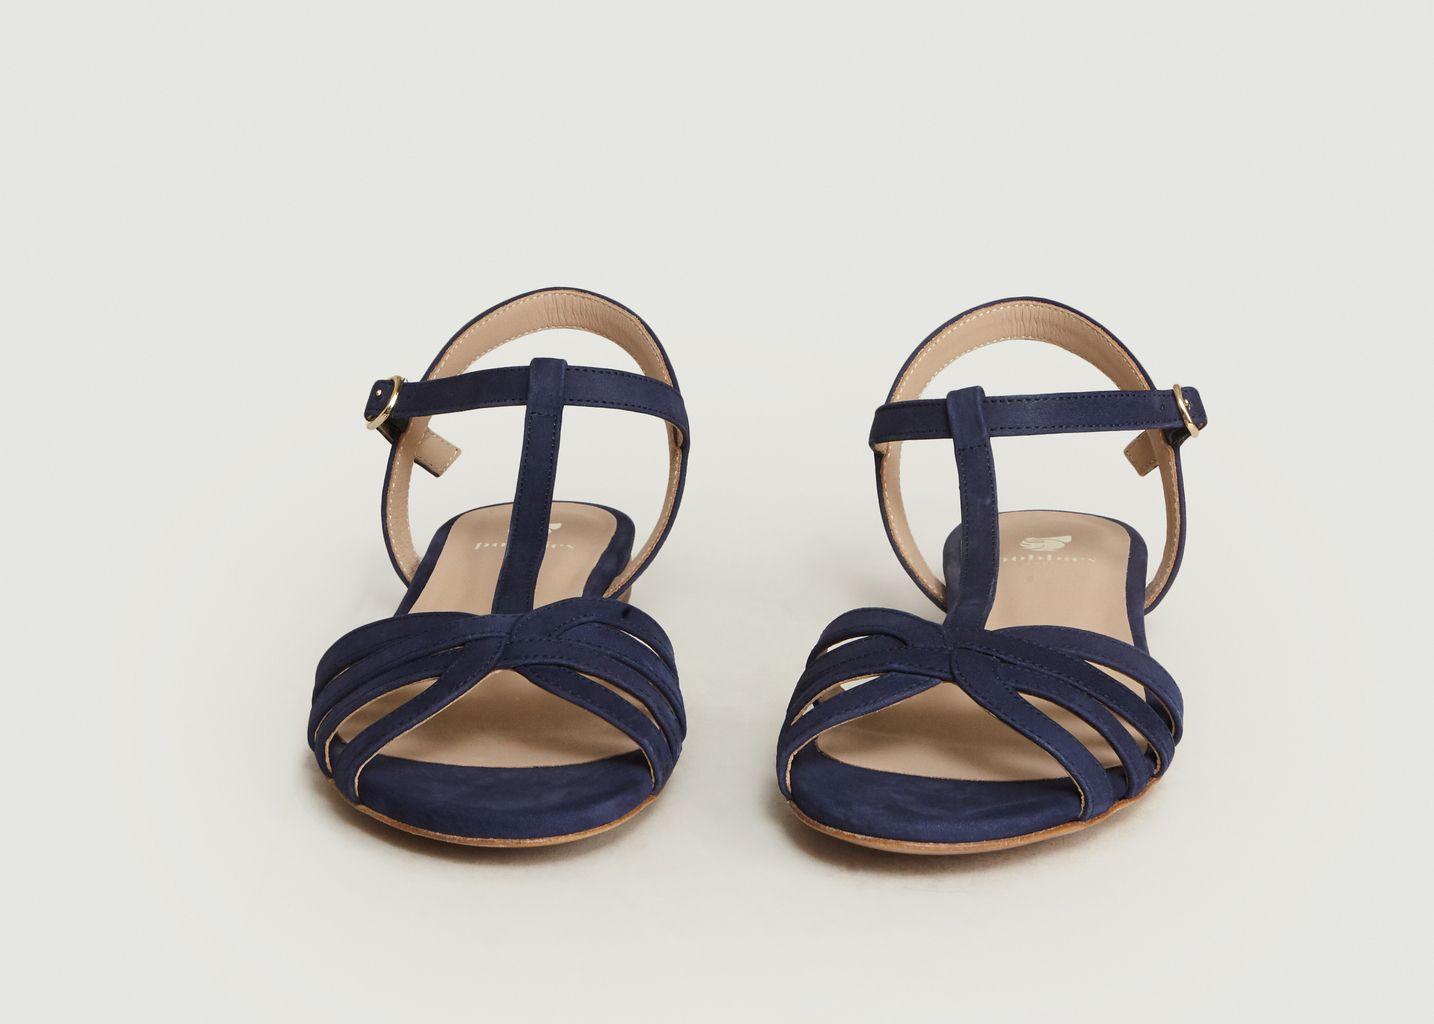 Sandales En Nubuck La Merveille - Bobbies Paris